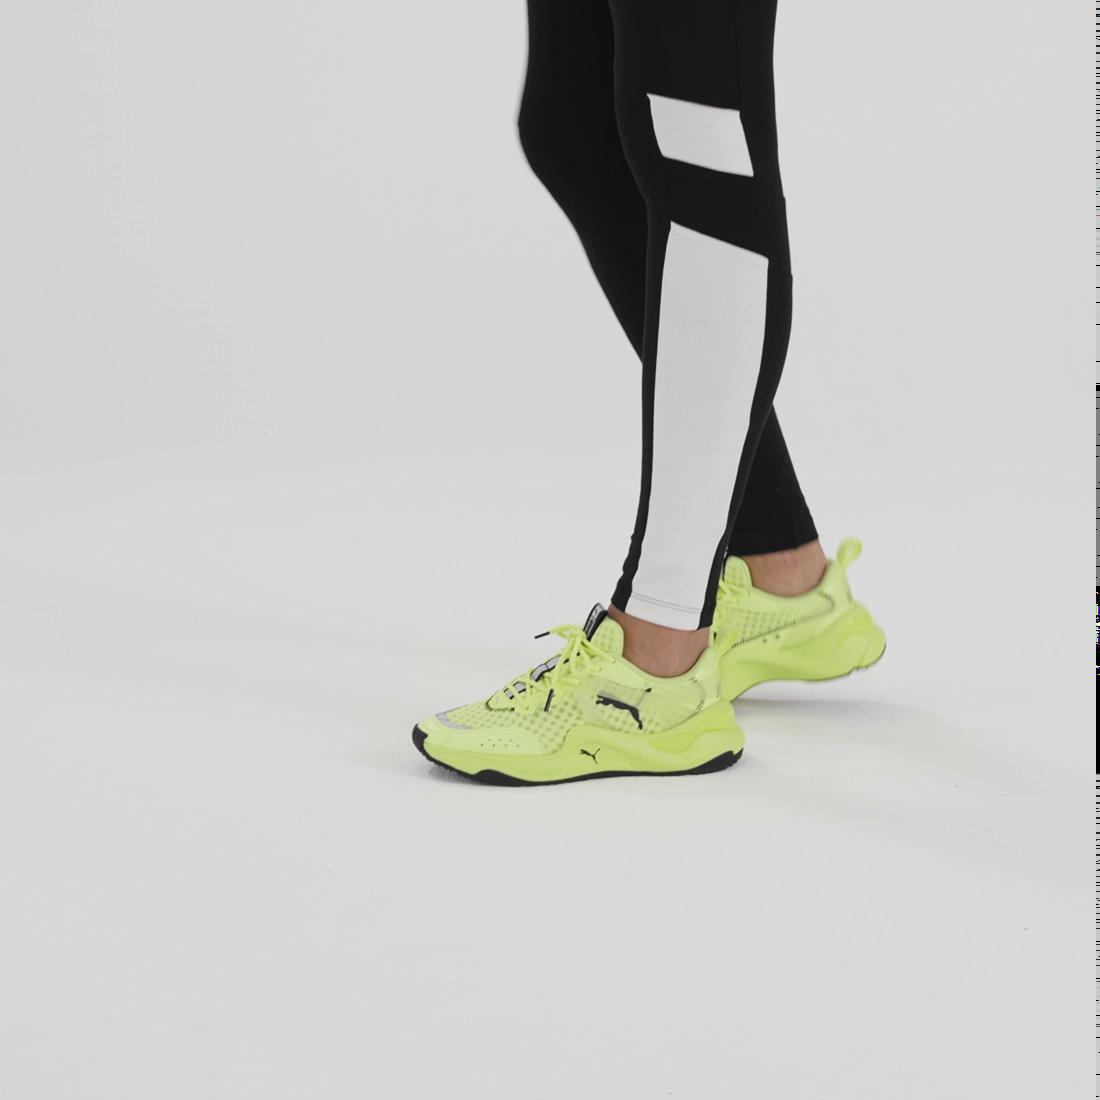 Imagen PUMA Zapatillas Rise Neon para mujer #8